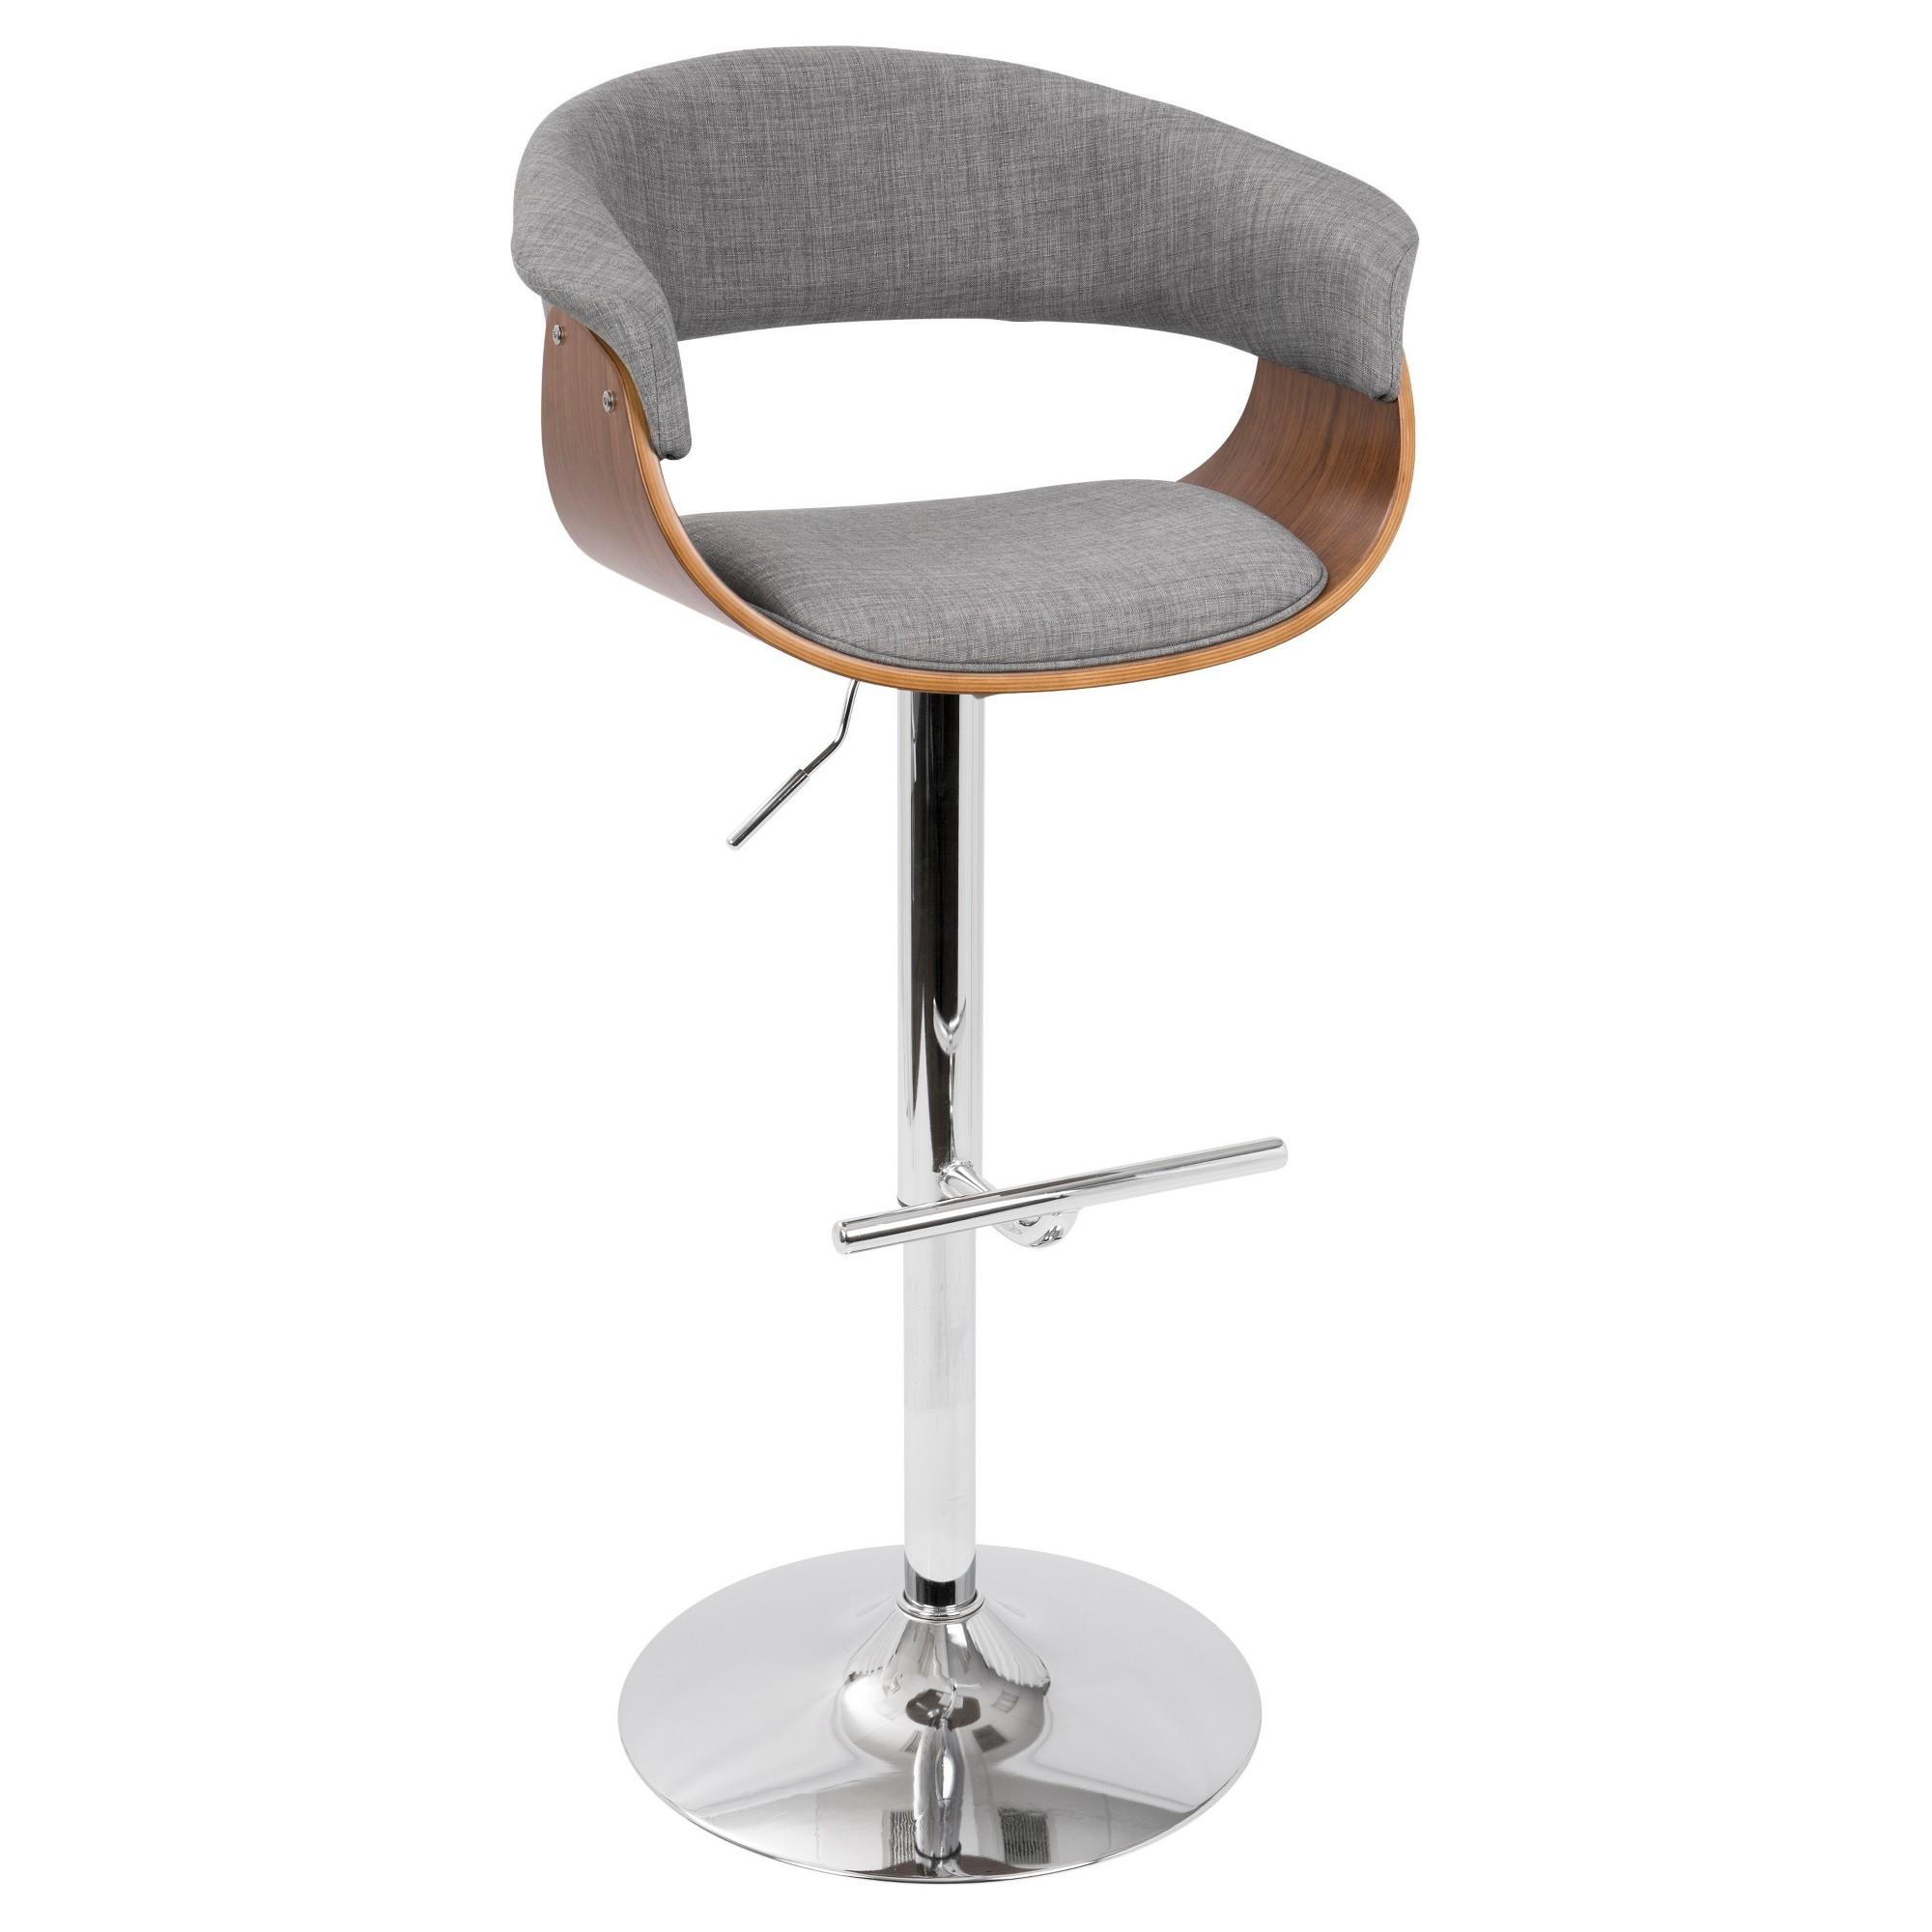 Vintage Mod Mid Century Modern Adjustable Barstool Walnut And